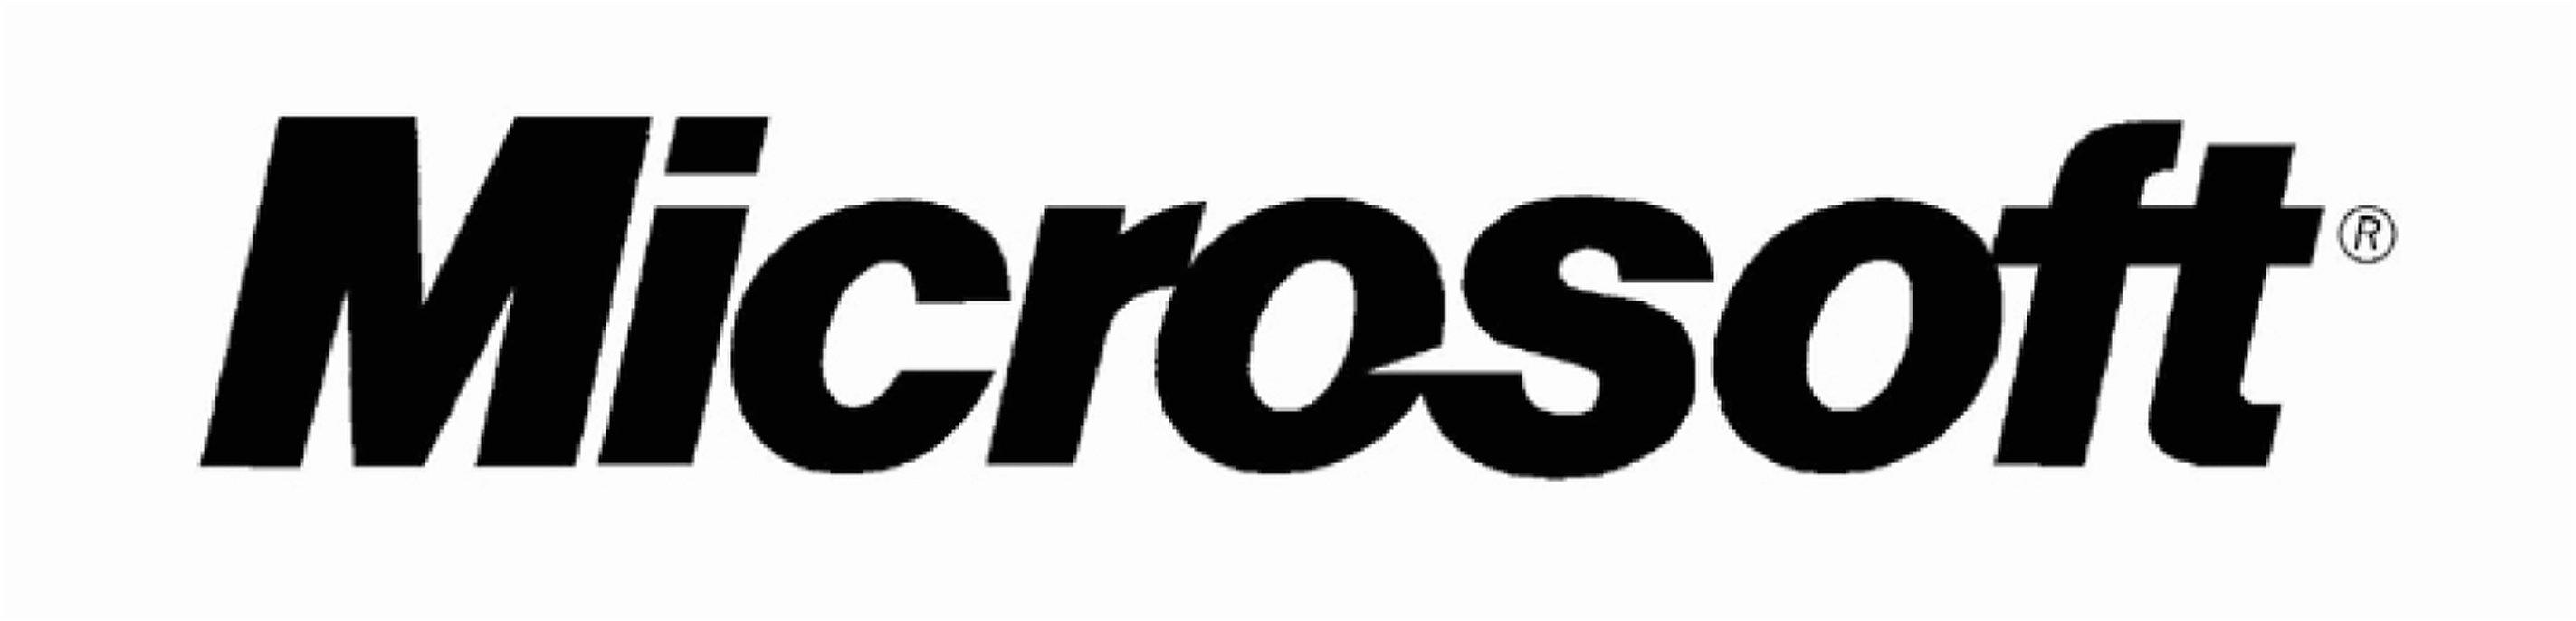 Spekulationen: Microsoft k�nnte an eigenem Smartphone arbeiten-microsoft-logo.jpg